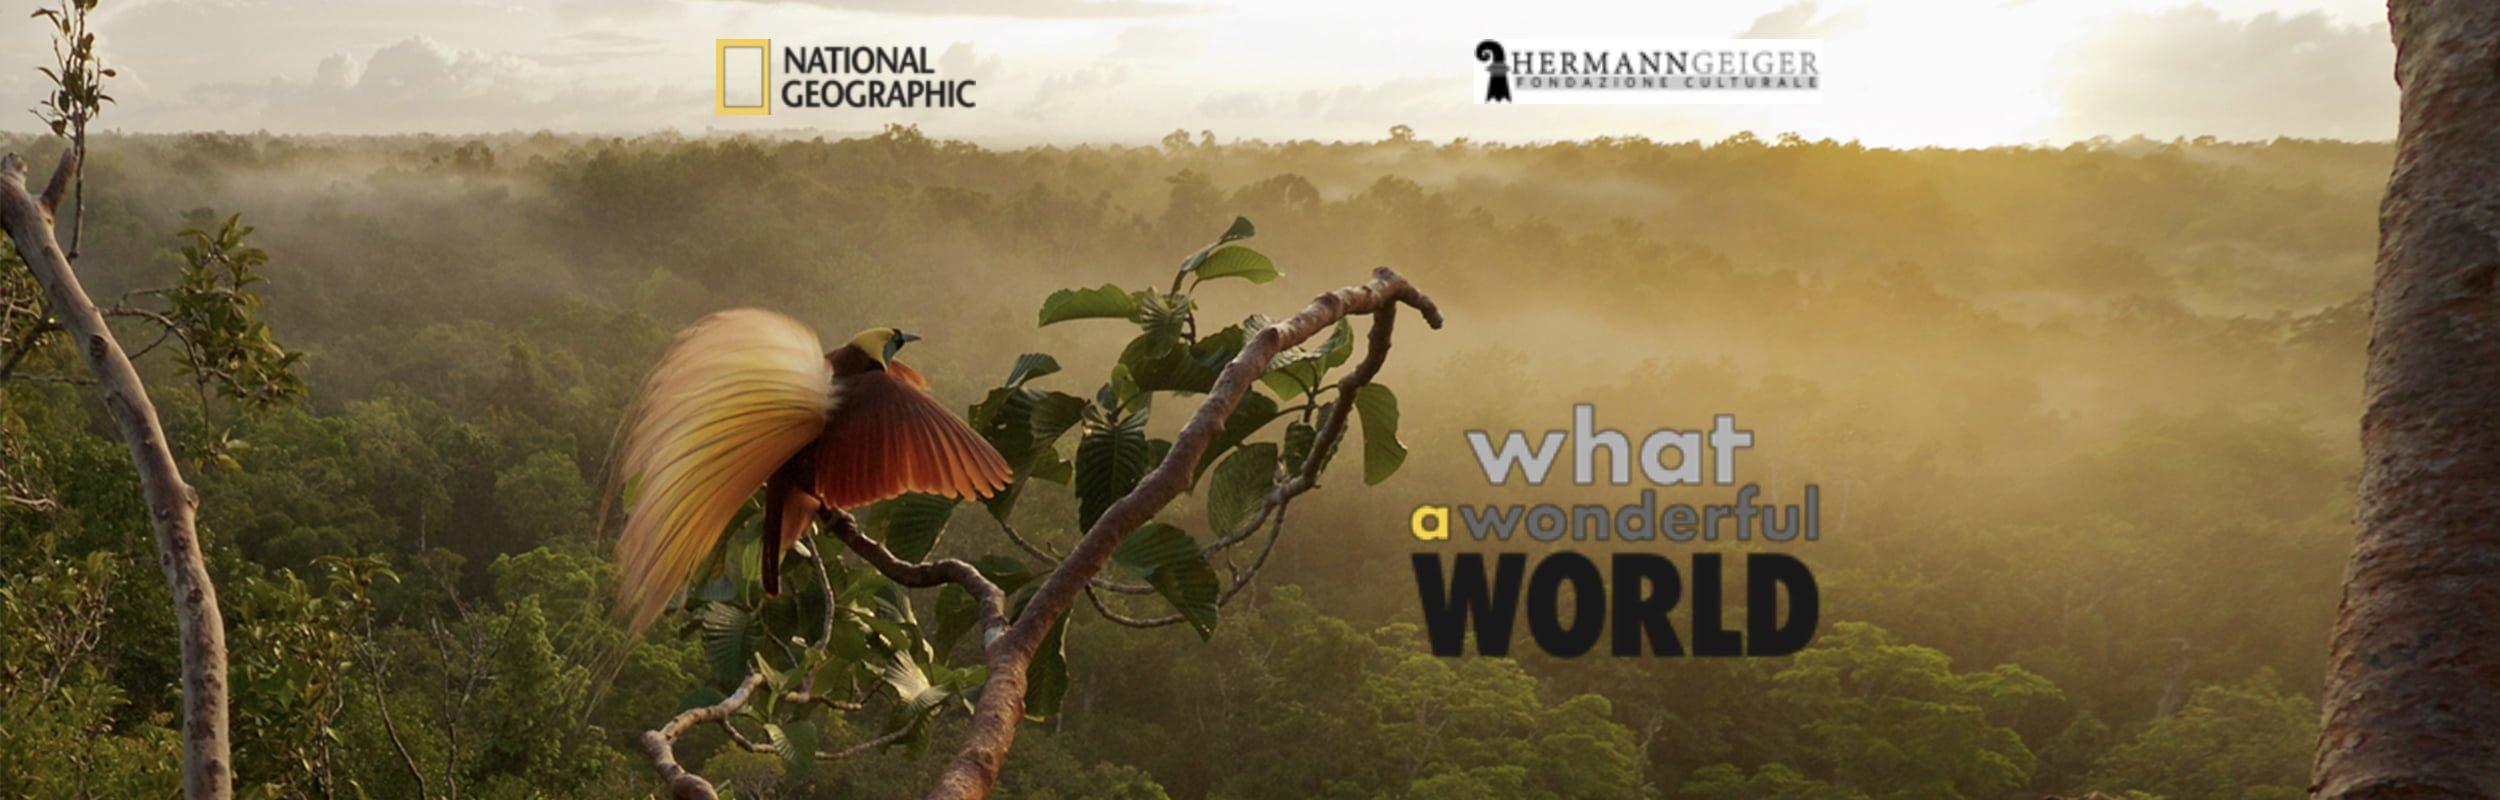 Un viaggio tra le meraviglie della natura attraverso gli scatti della National Geographic Society